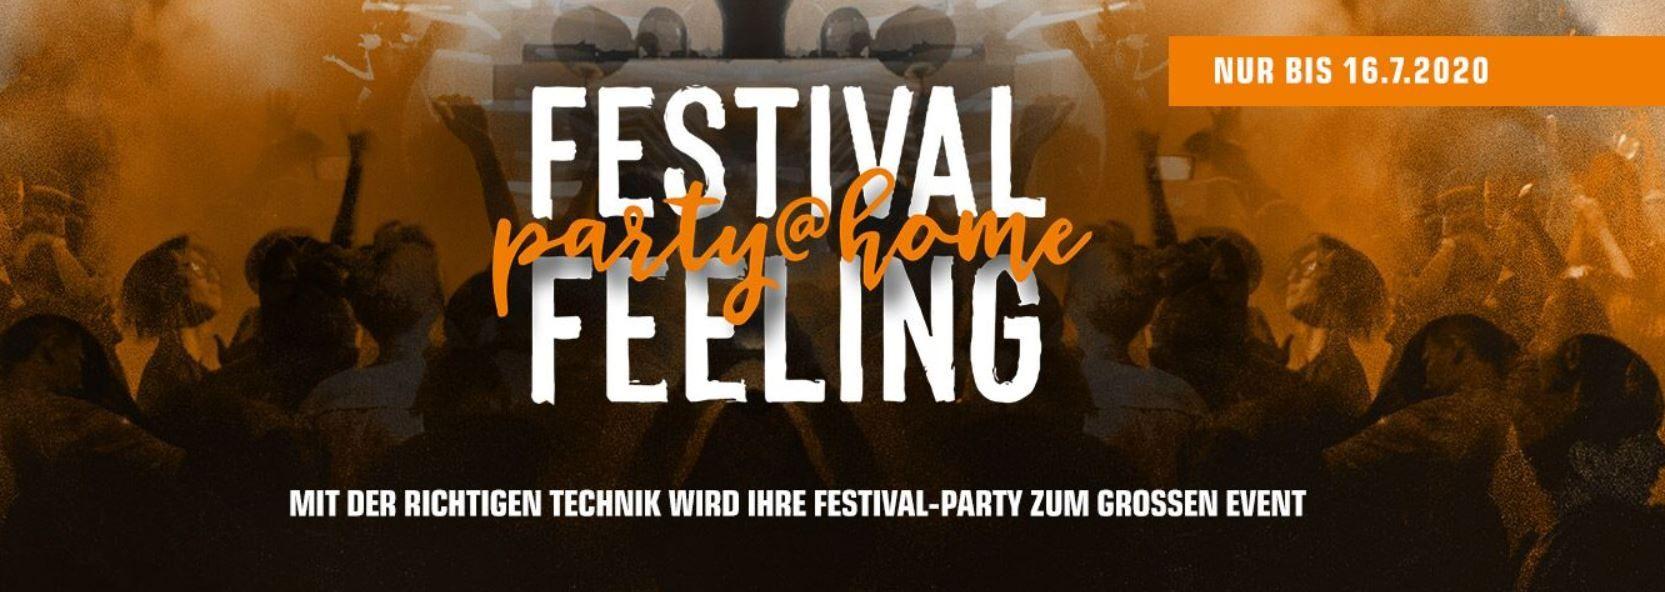 Saturn Festival Feeling @home viele gute Angebote   z.B CLATRONIC Hemden  und Blusenbügler für 35€ (statt 71€)